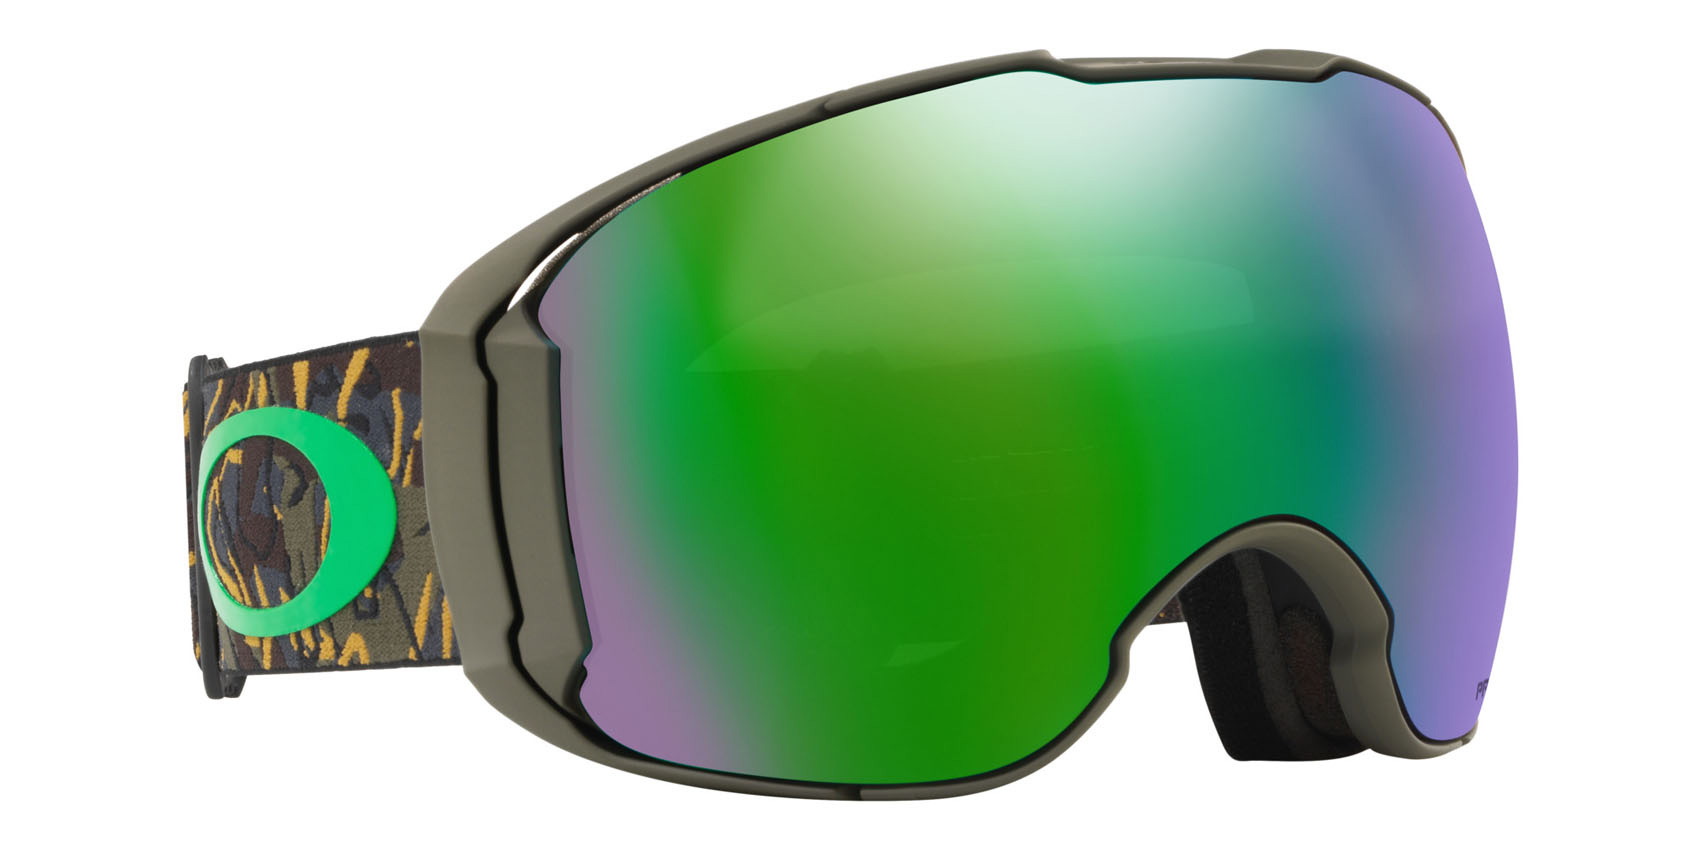 109da23c1727 Sentinel Oakley Snowboard Goggles - Airbrake XL Camo Vine Jungle